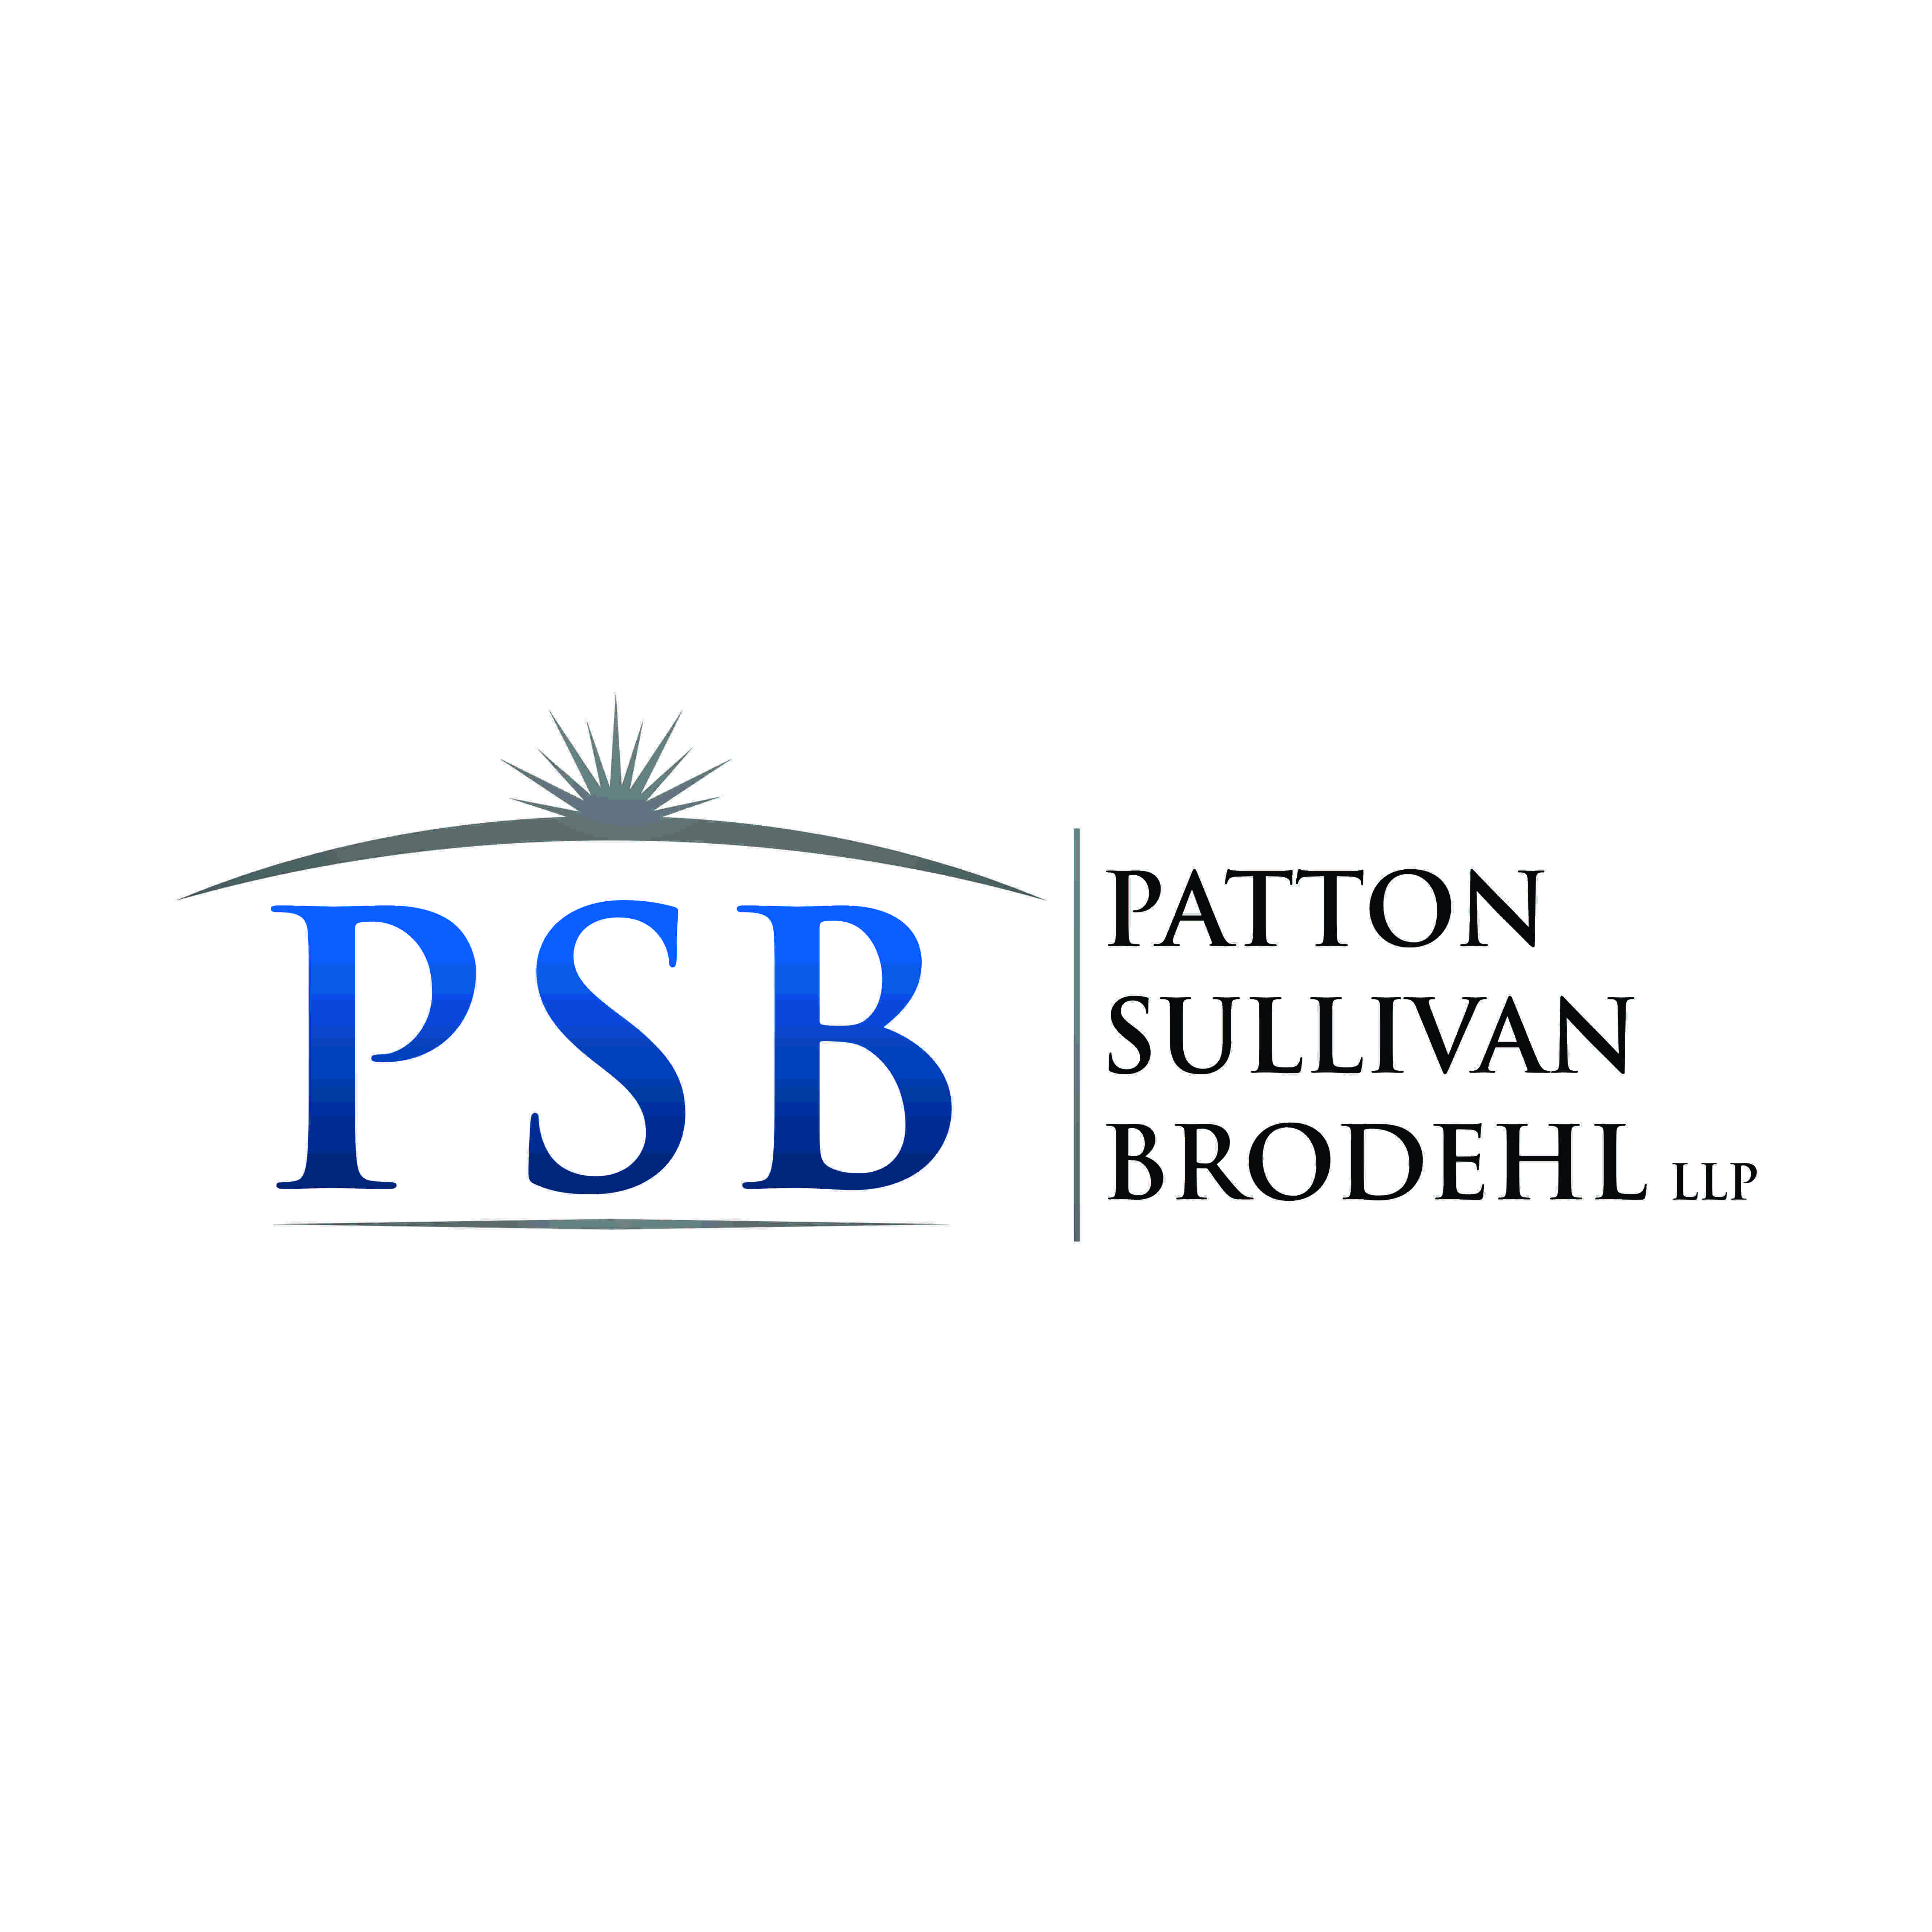 Patton Sullivan Brodehl LLP